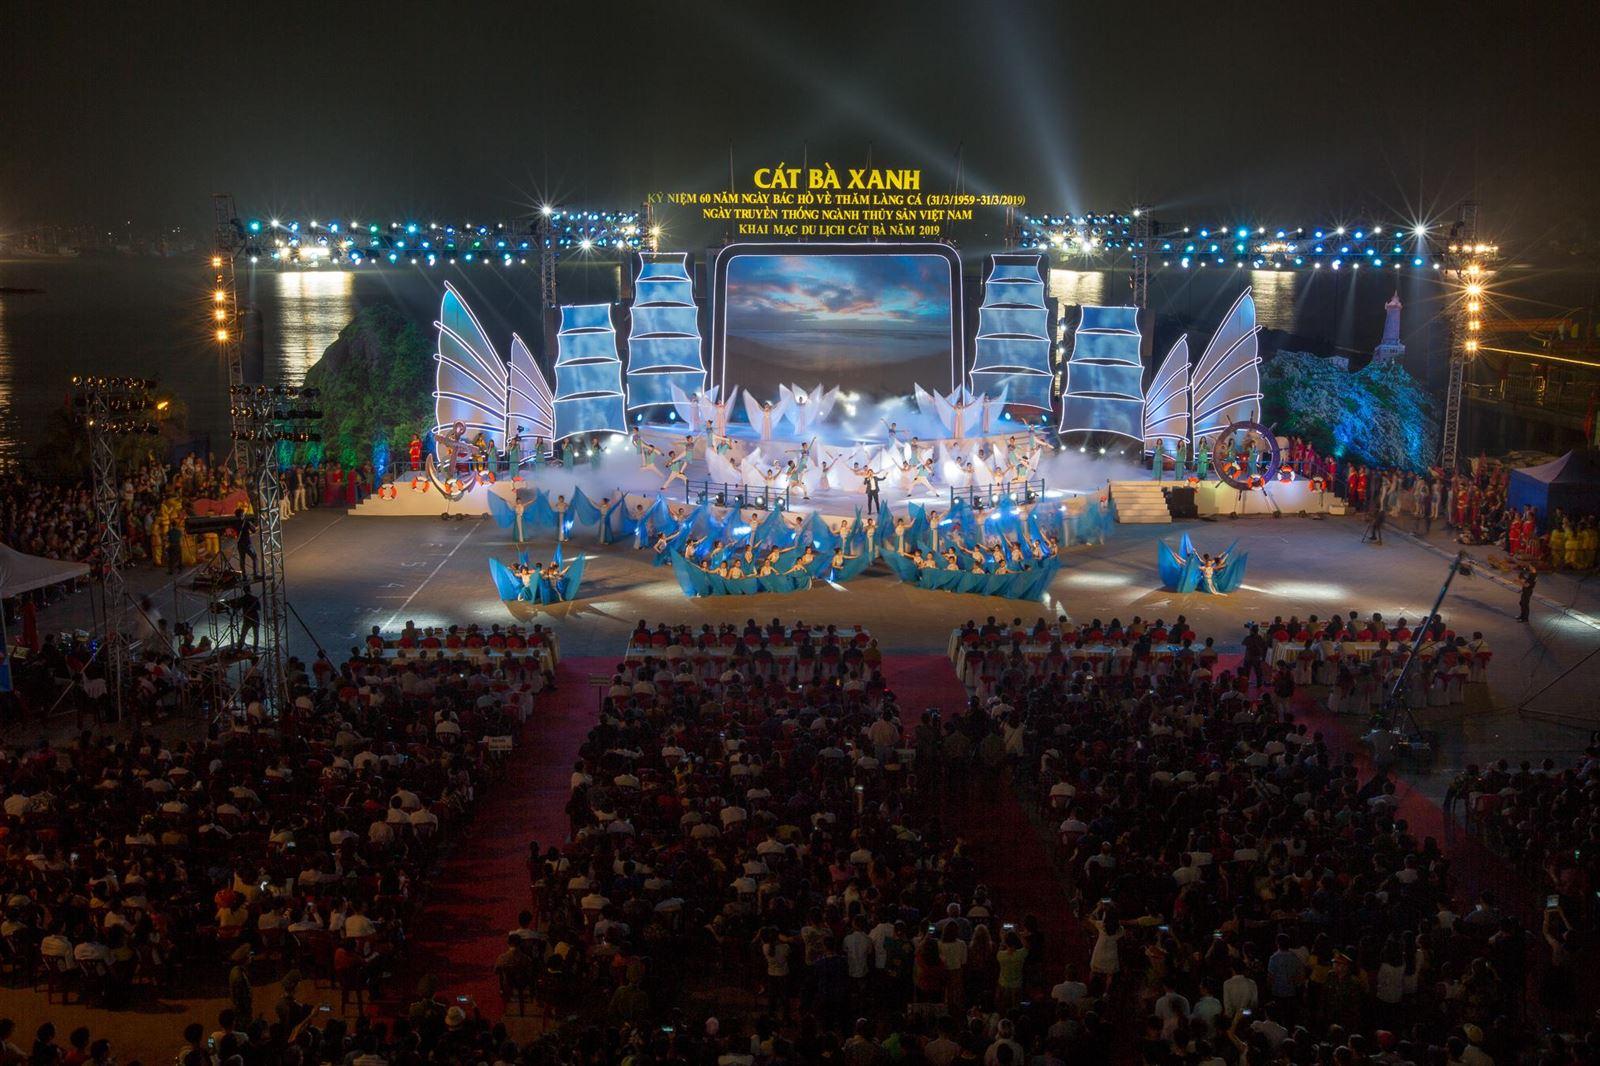 Hình ảnh lễ hội tại huyện Cát Hải